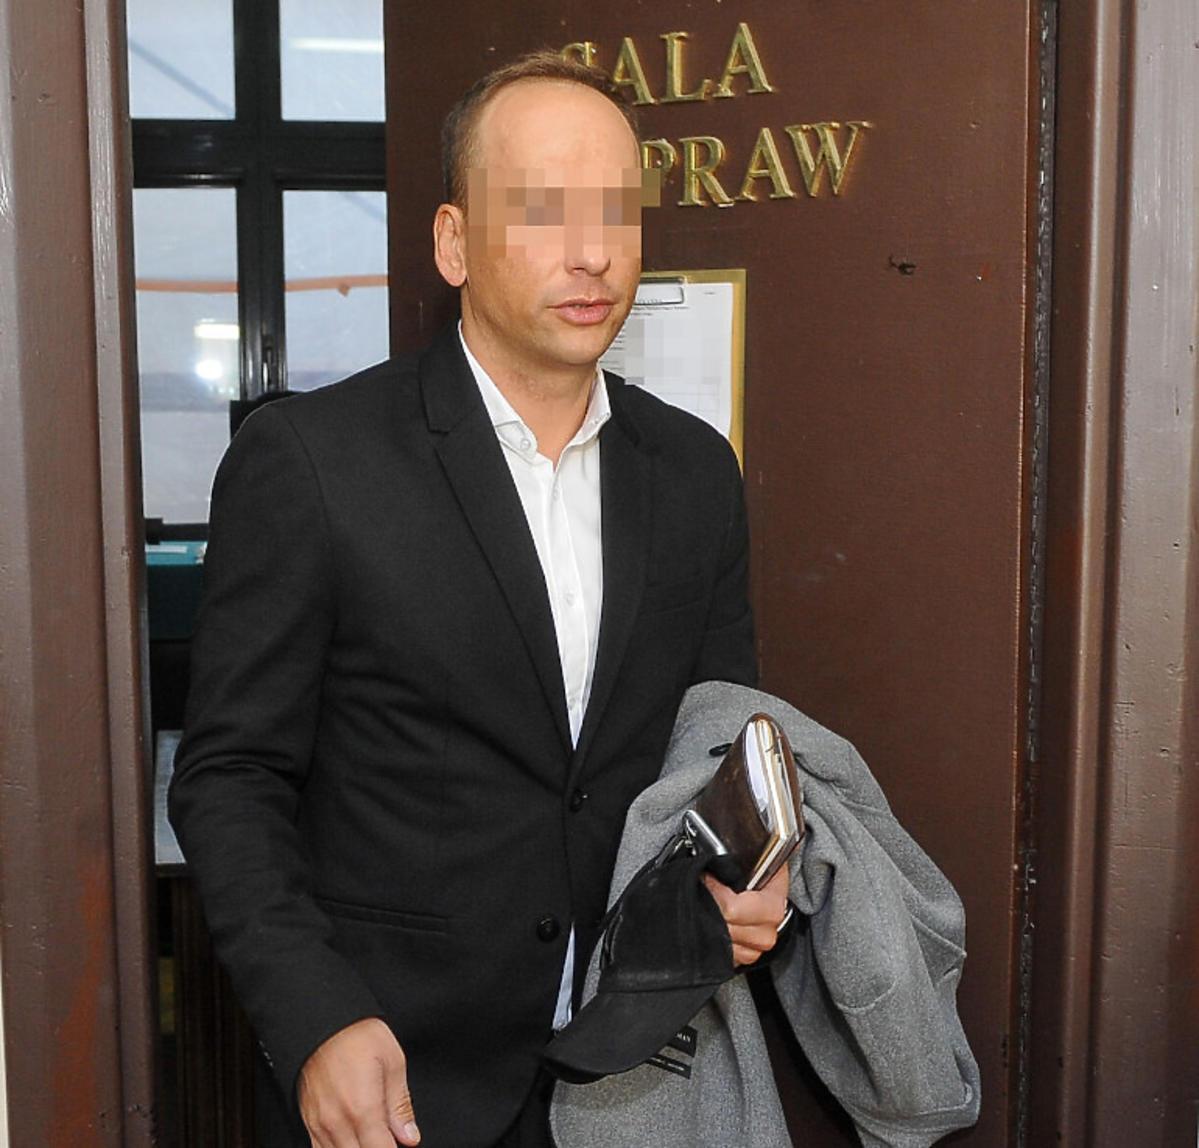 Dariusz K. wychodzi z sali sądowej